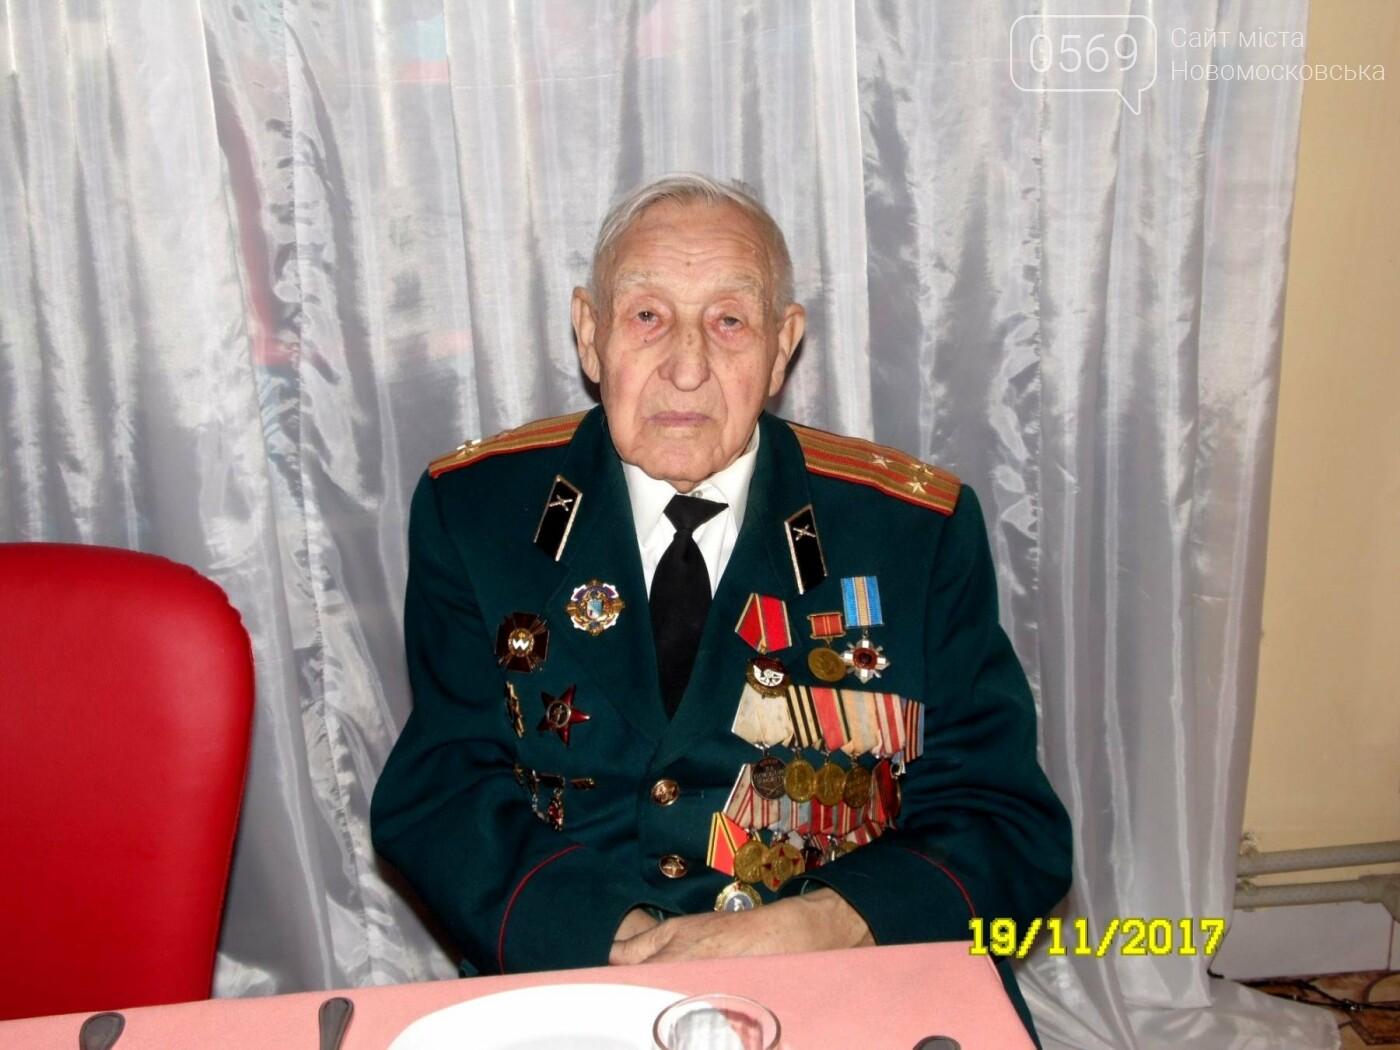 Новомосковские ветераны гвардейцы-артиллеристы отметили 75-летие Сталинградской битвы, фото-2